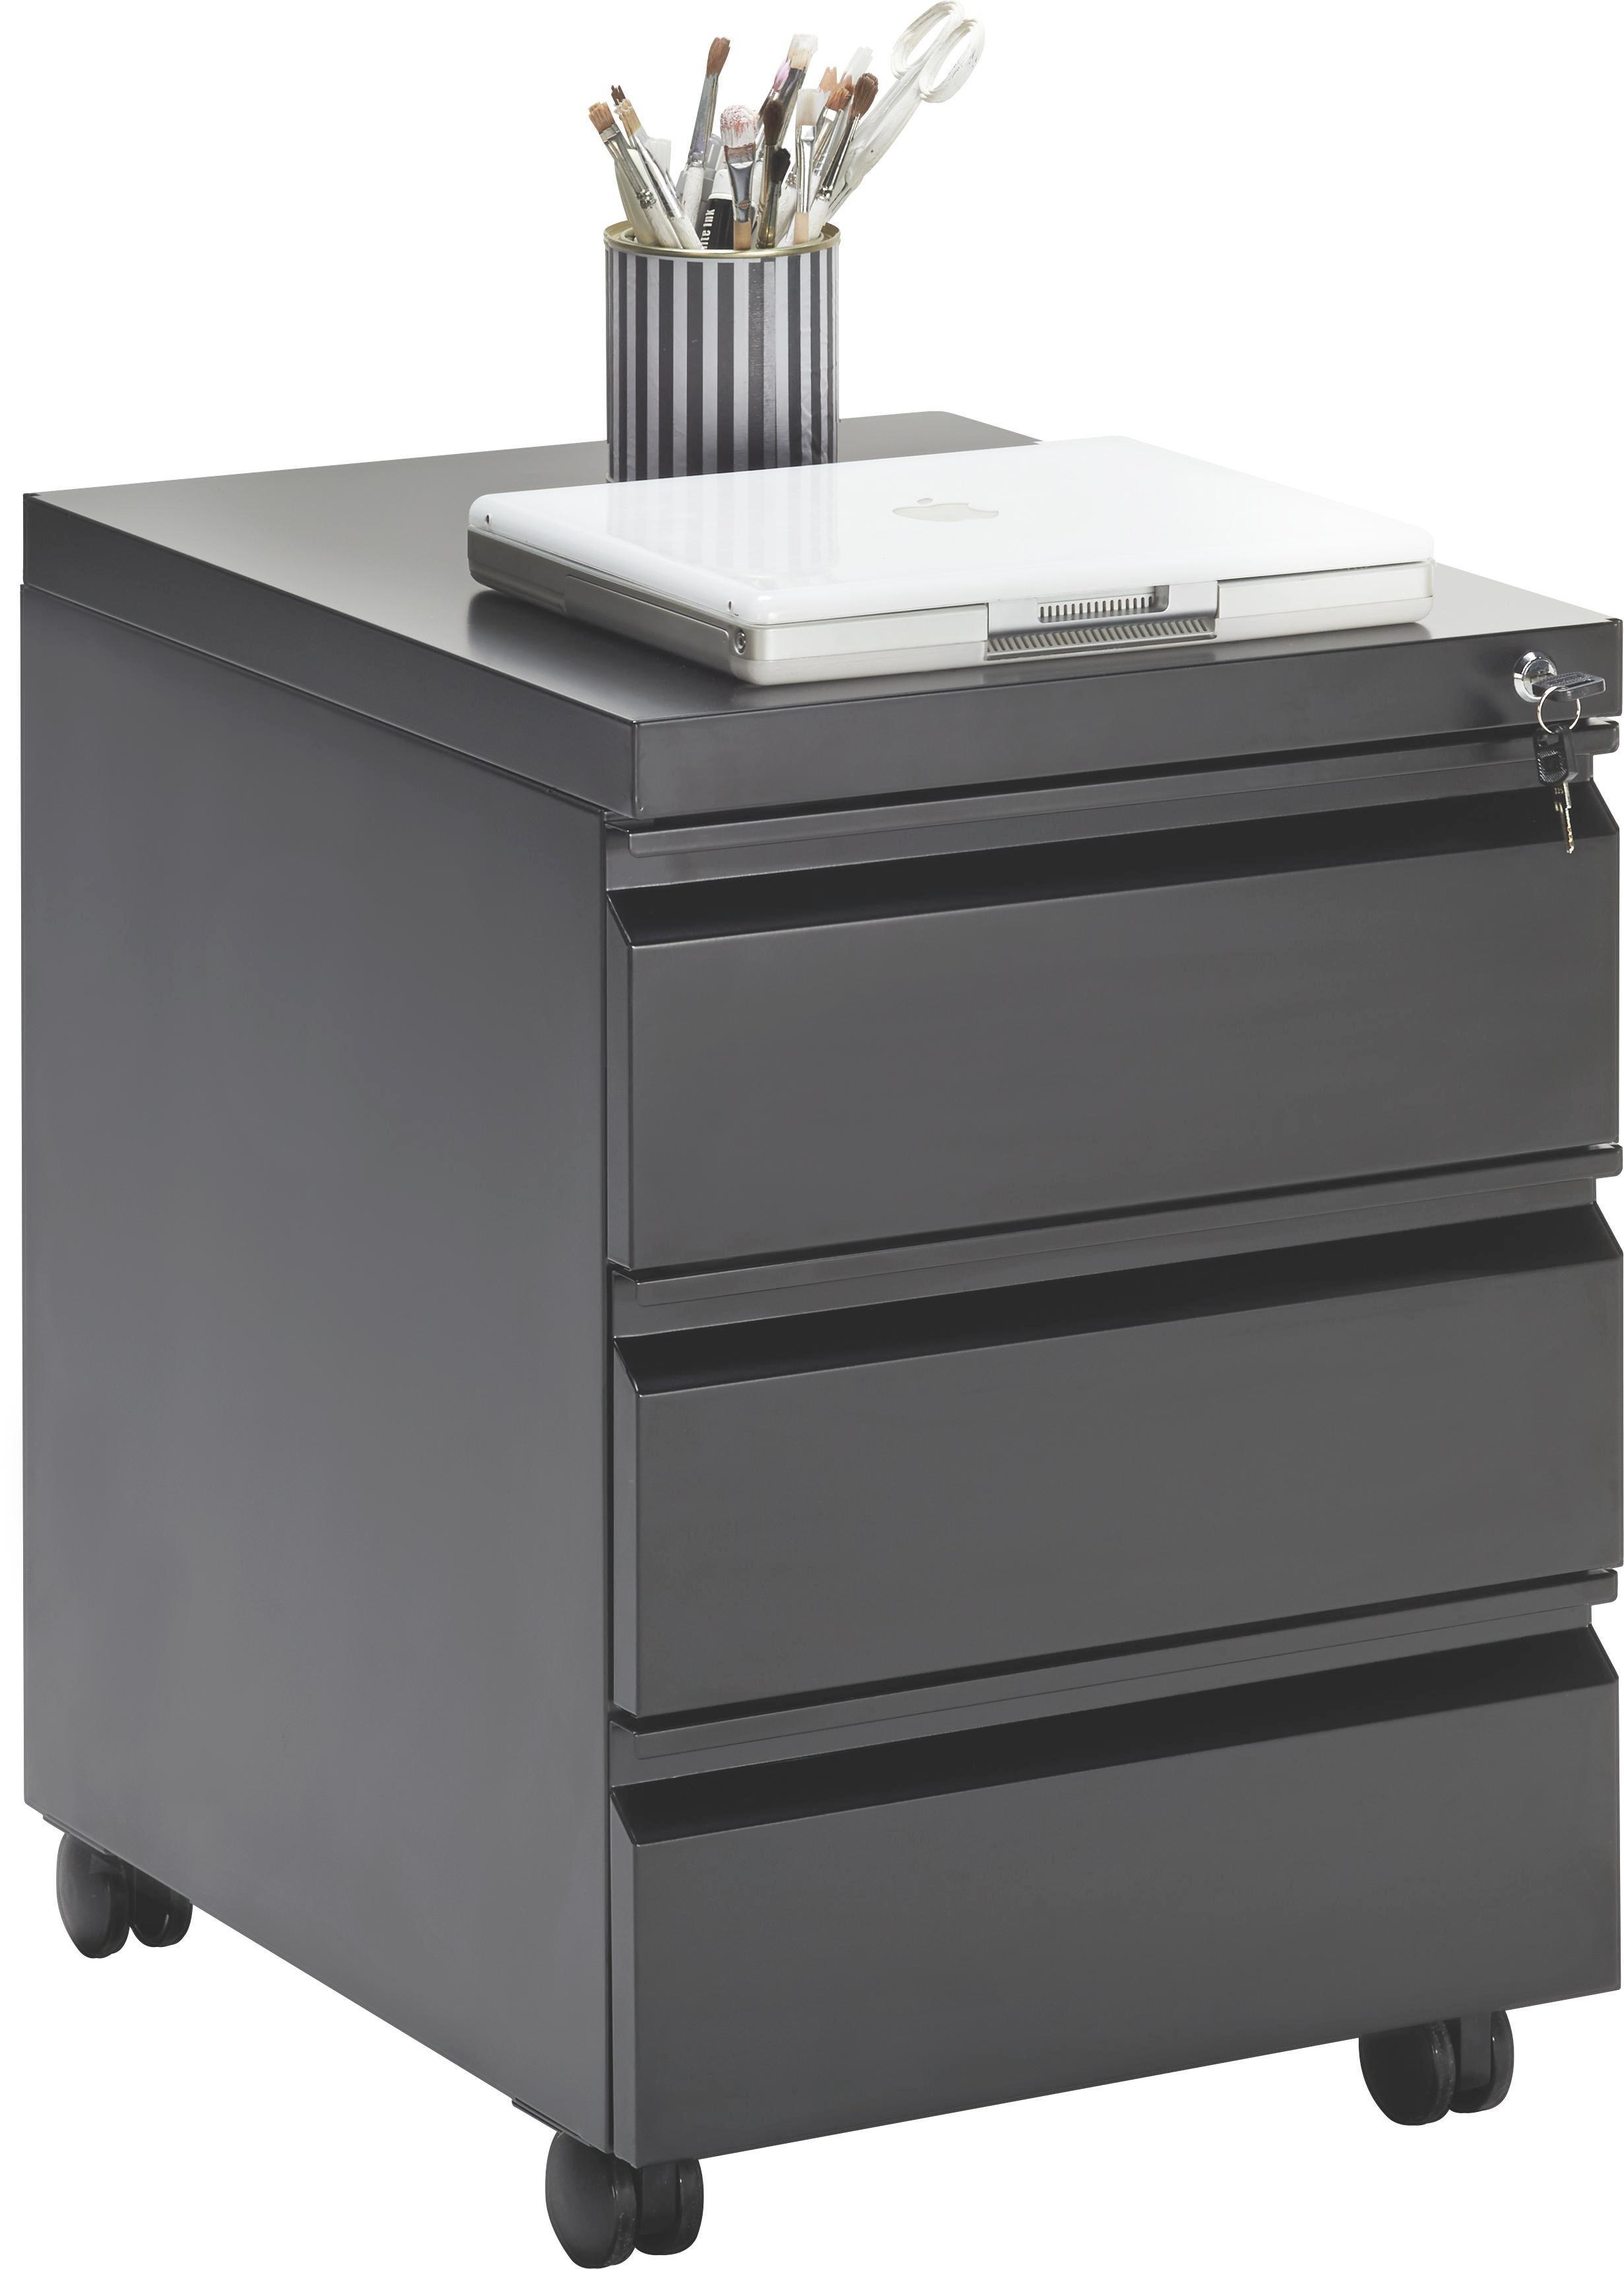 Rollcontainer in Schwarz - Schwarz, Kunststoff/Metall (41/57/50,3cm) - MÖMAX modern living